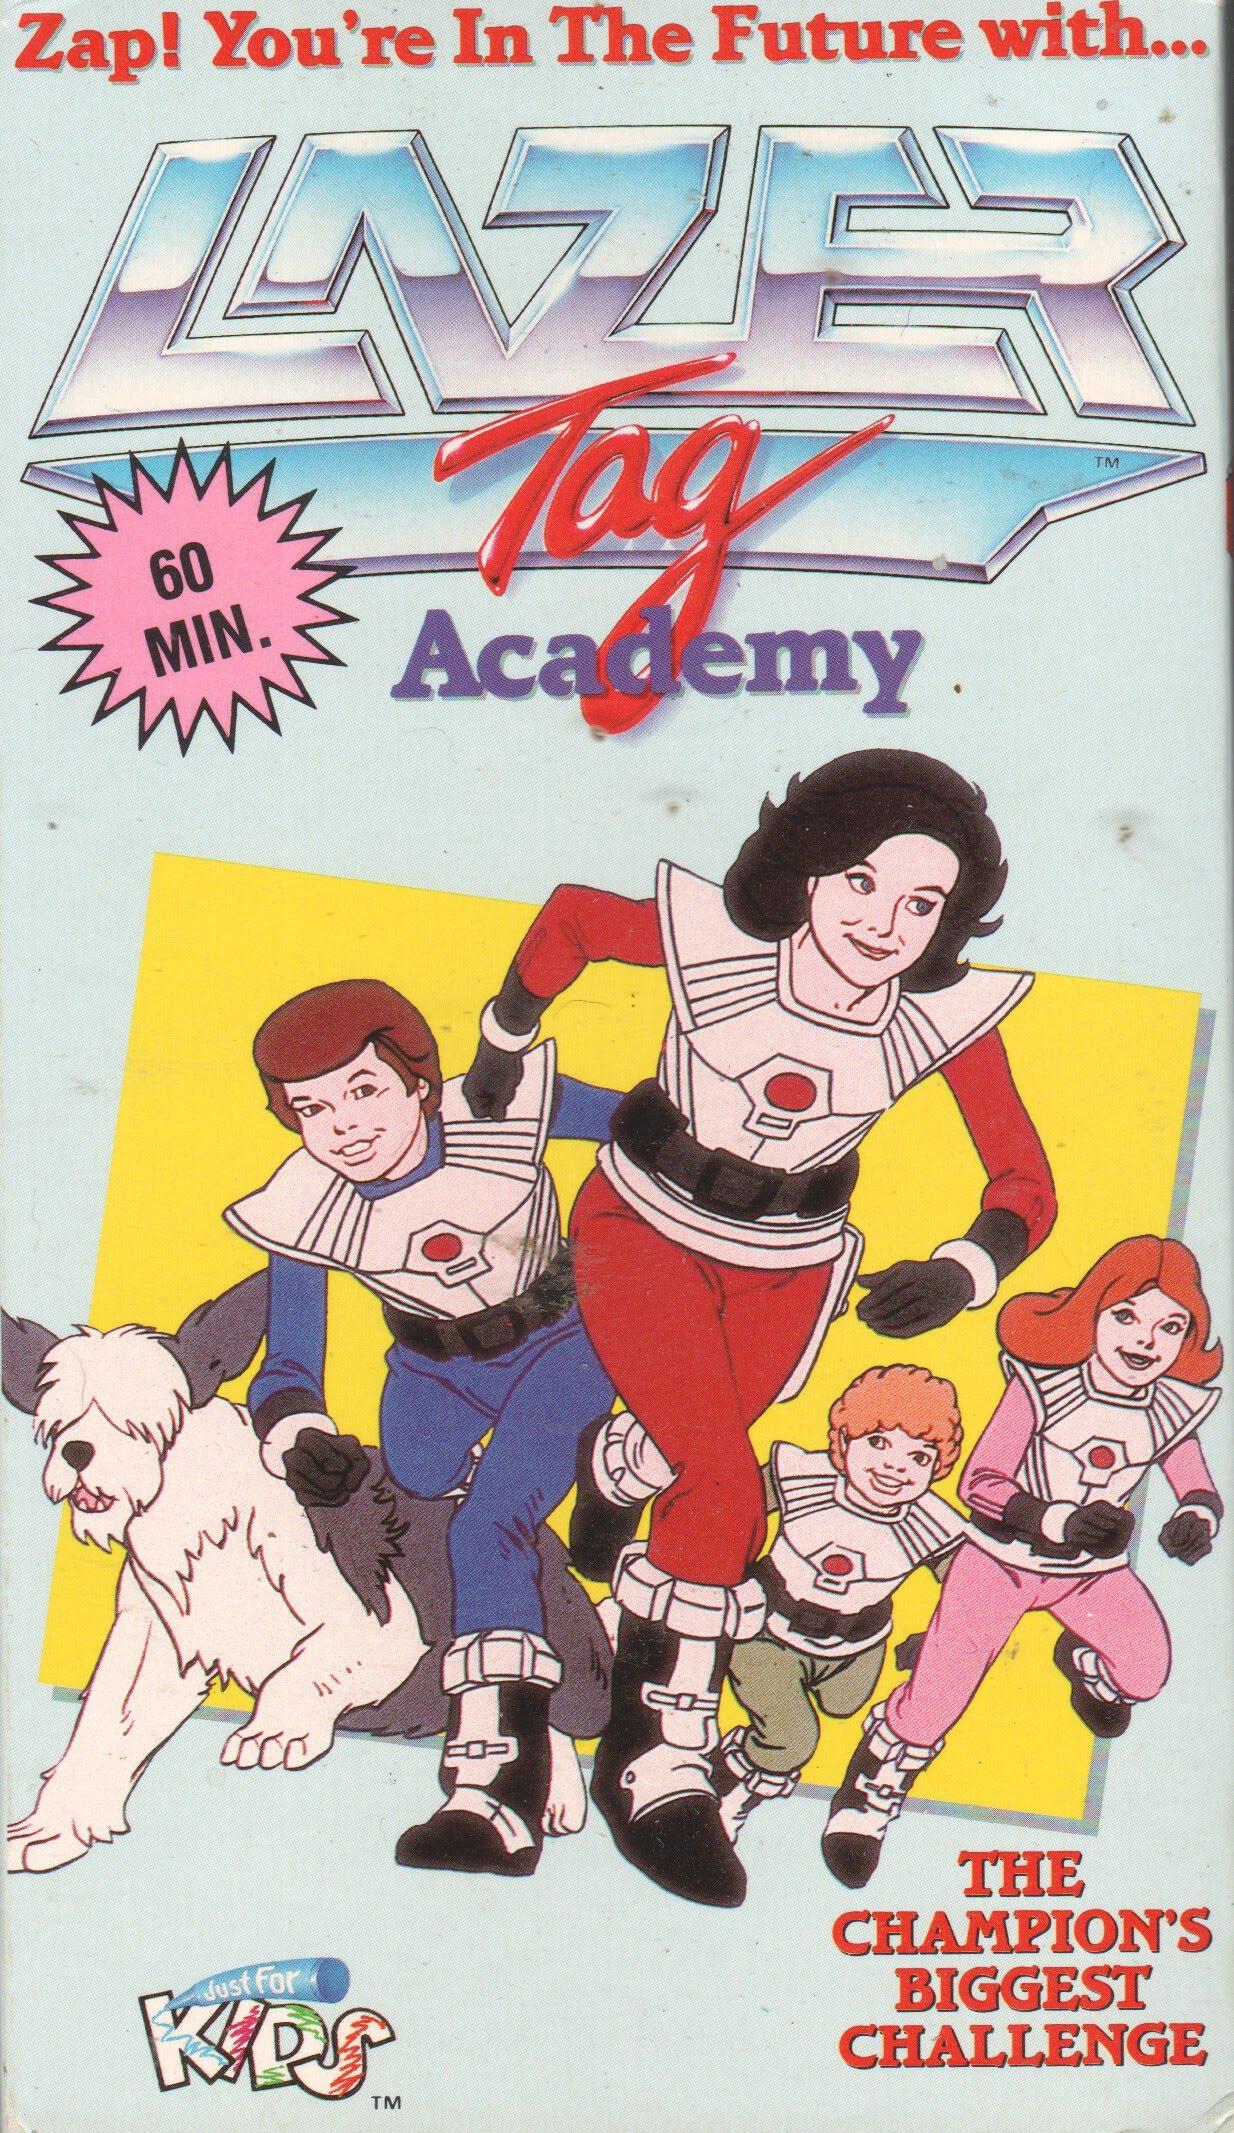 FRANCISCA: Lazer tag academy